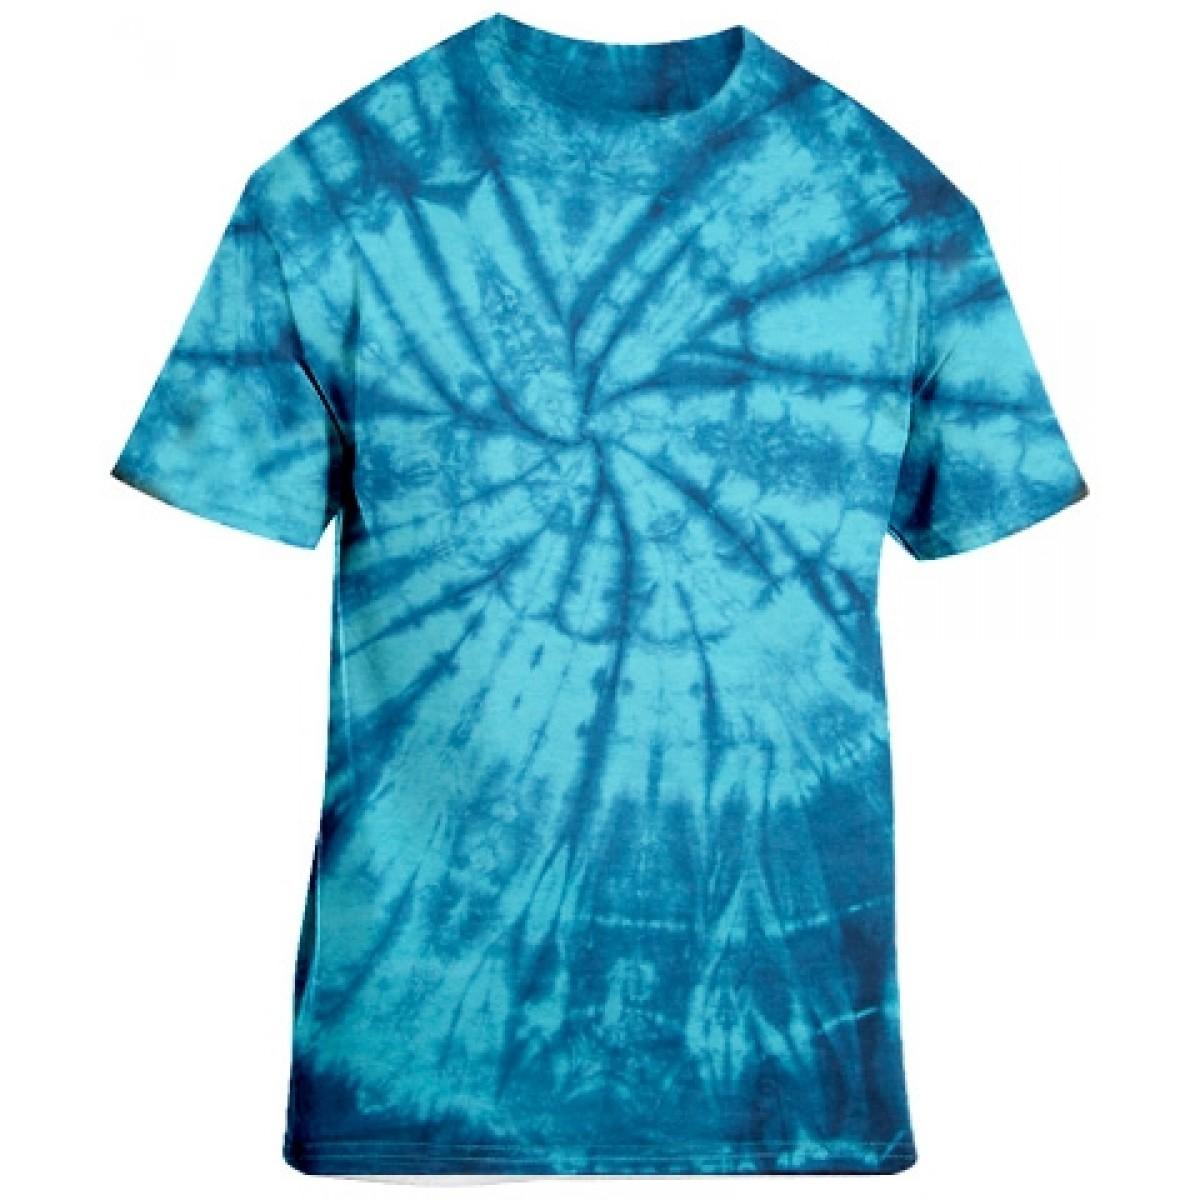 Tie-Dye Blue Short Sleeve-Blue-L